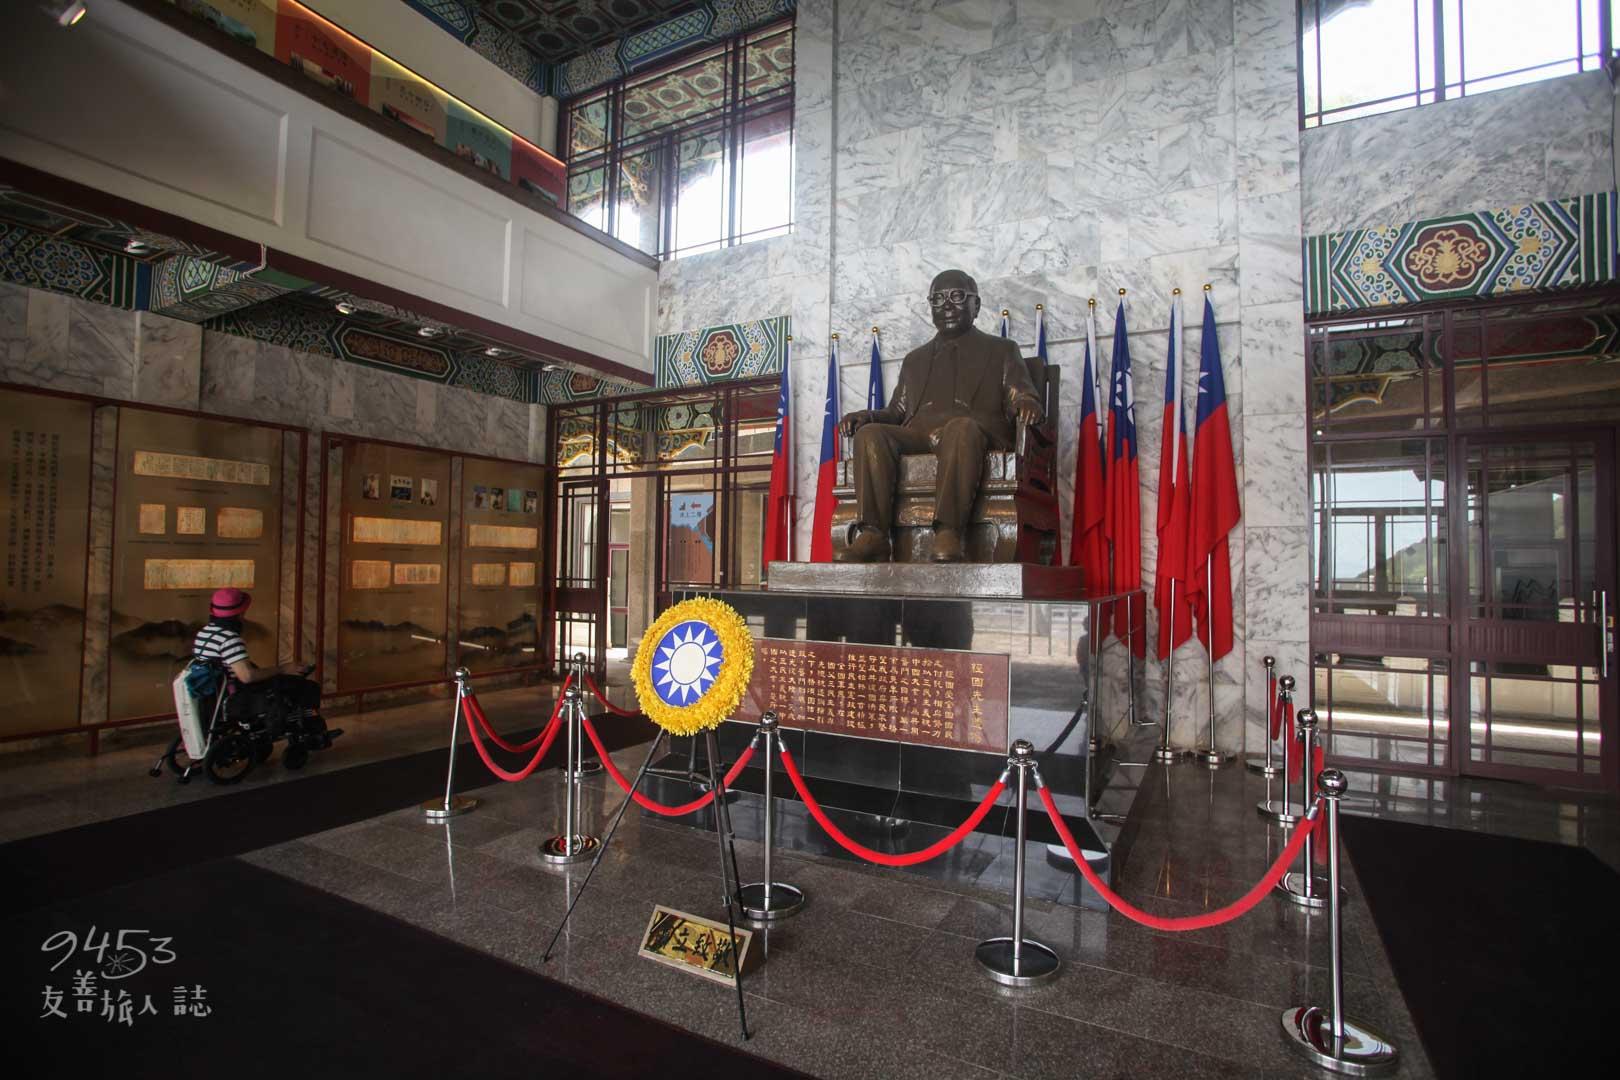 經國先生紀念堂展覽空間